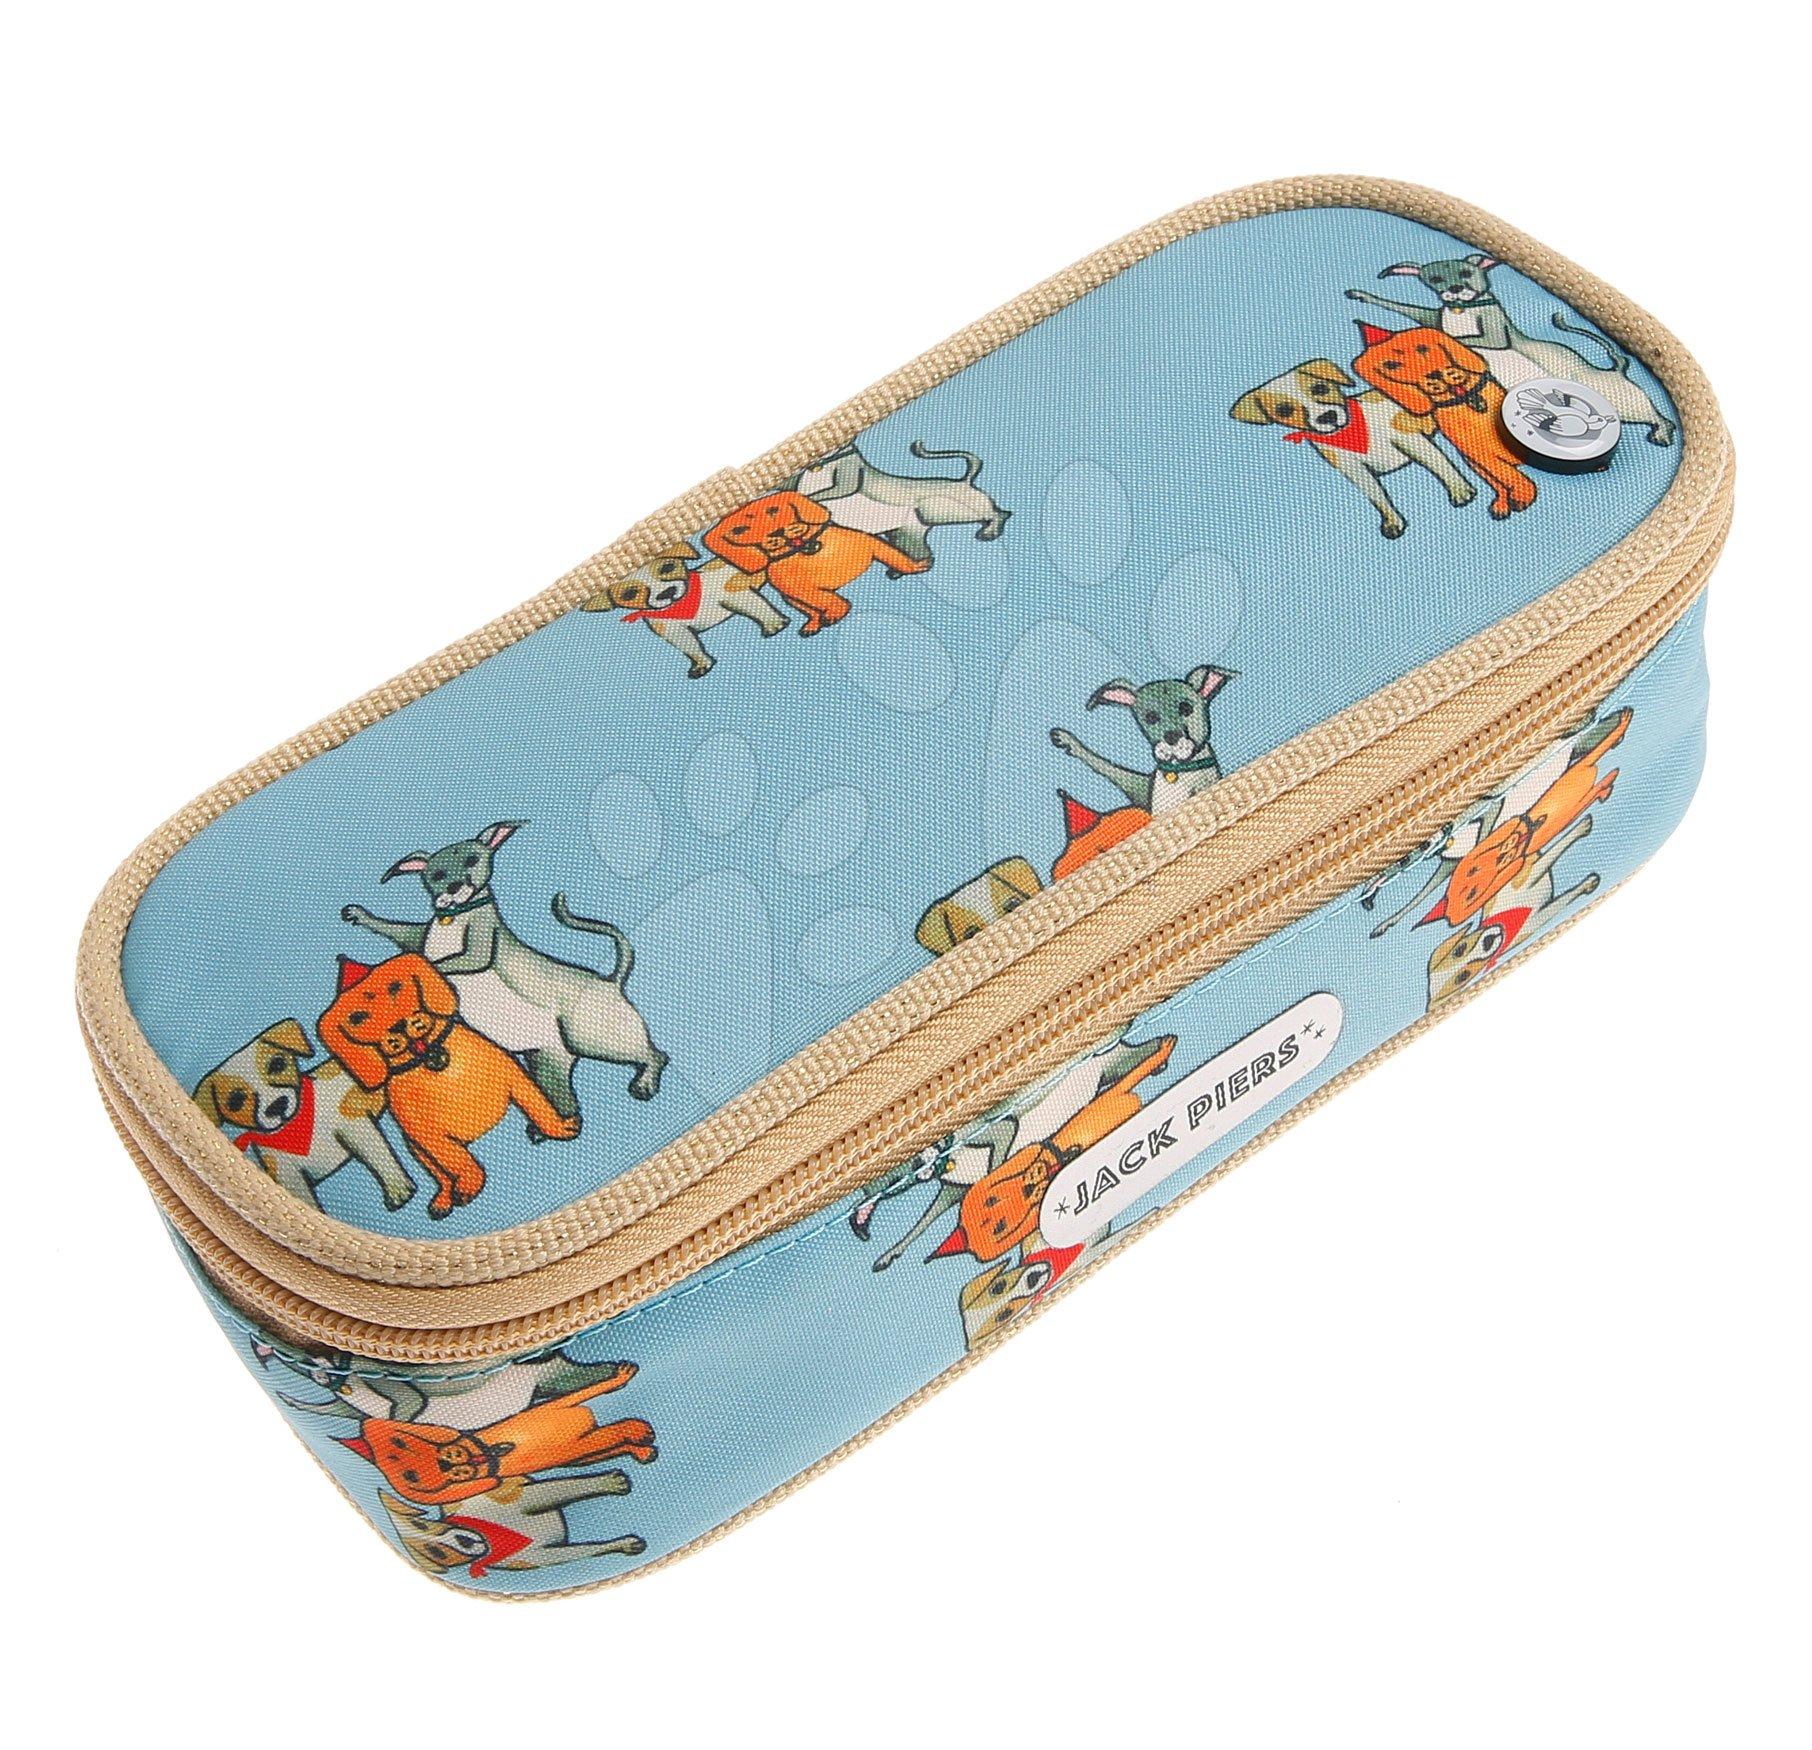 Školský peračník Pencil Case Party Dogs Jack Piers ergonomický luxusné prevedenie od 2 rokov 22*7*9 cm